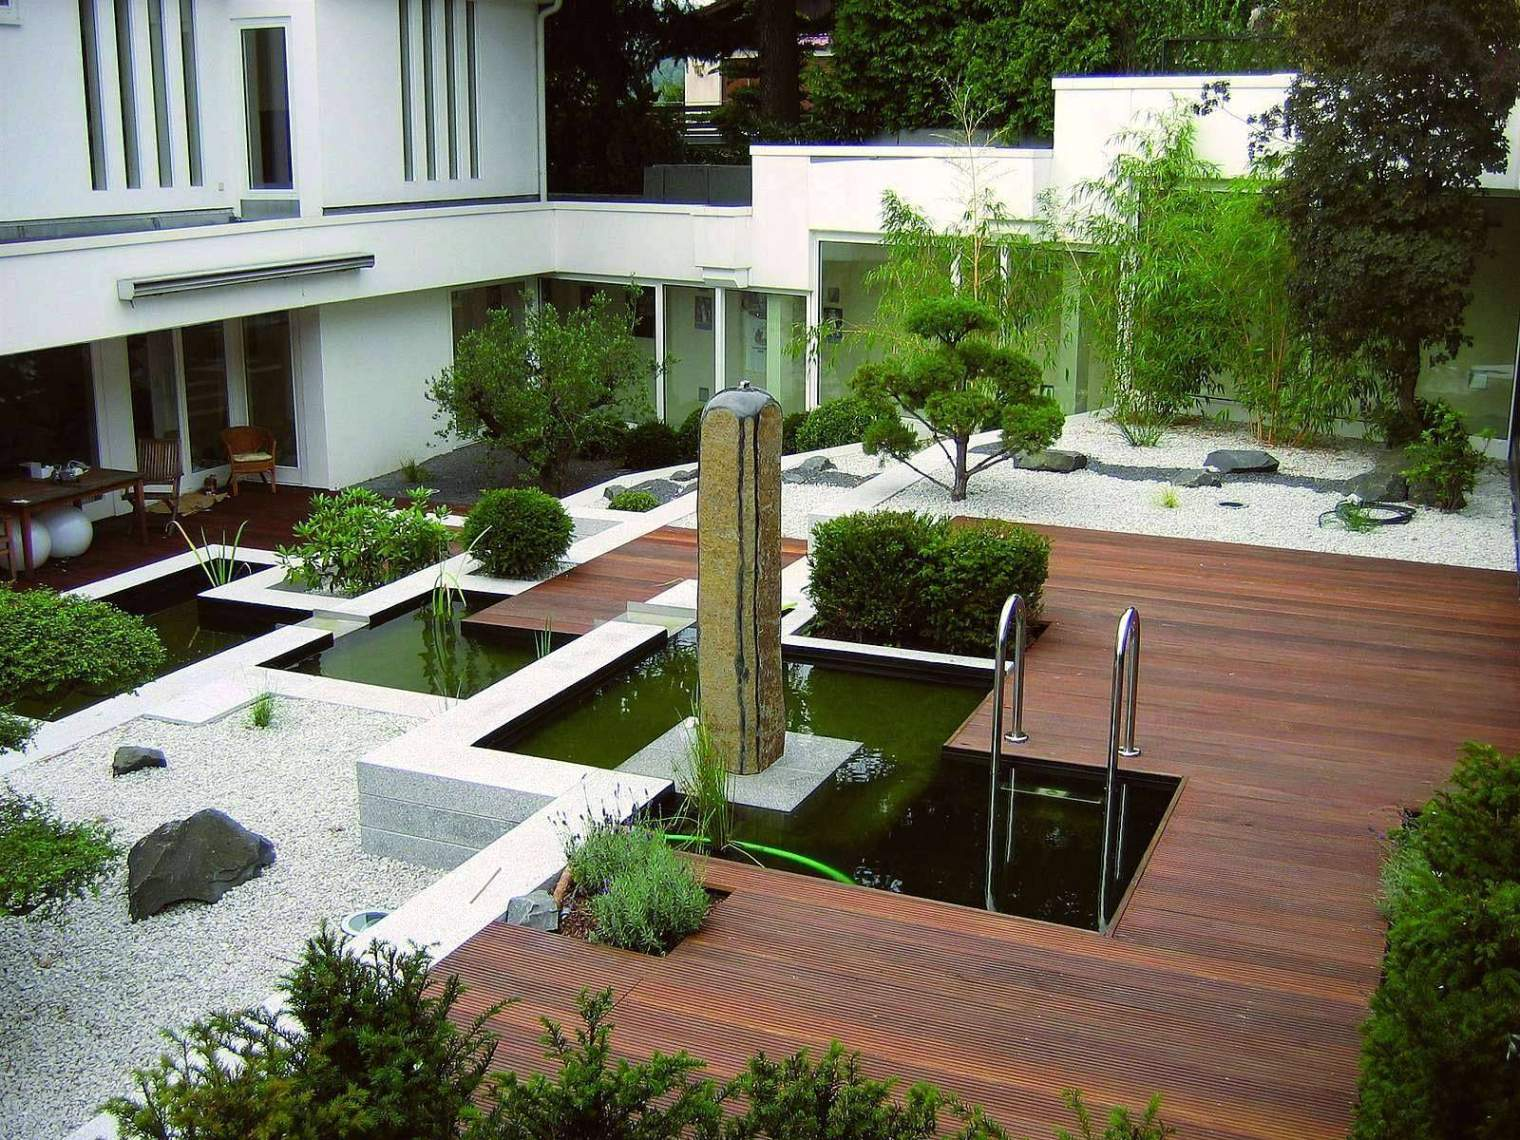 Kleine Gärten Gestalten Schön Kleine Gärten Gestalten Reihenhaus — Temobardz Home Blog